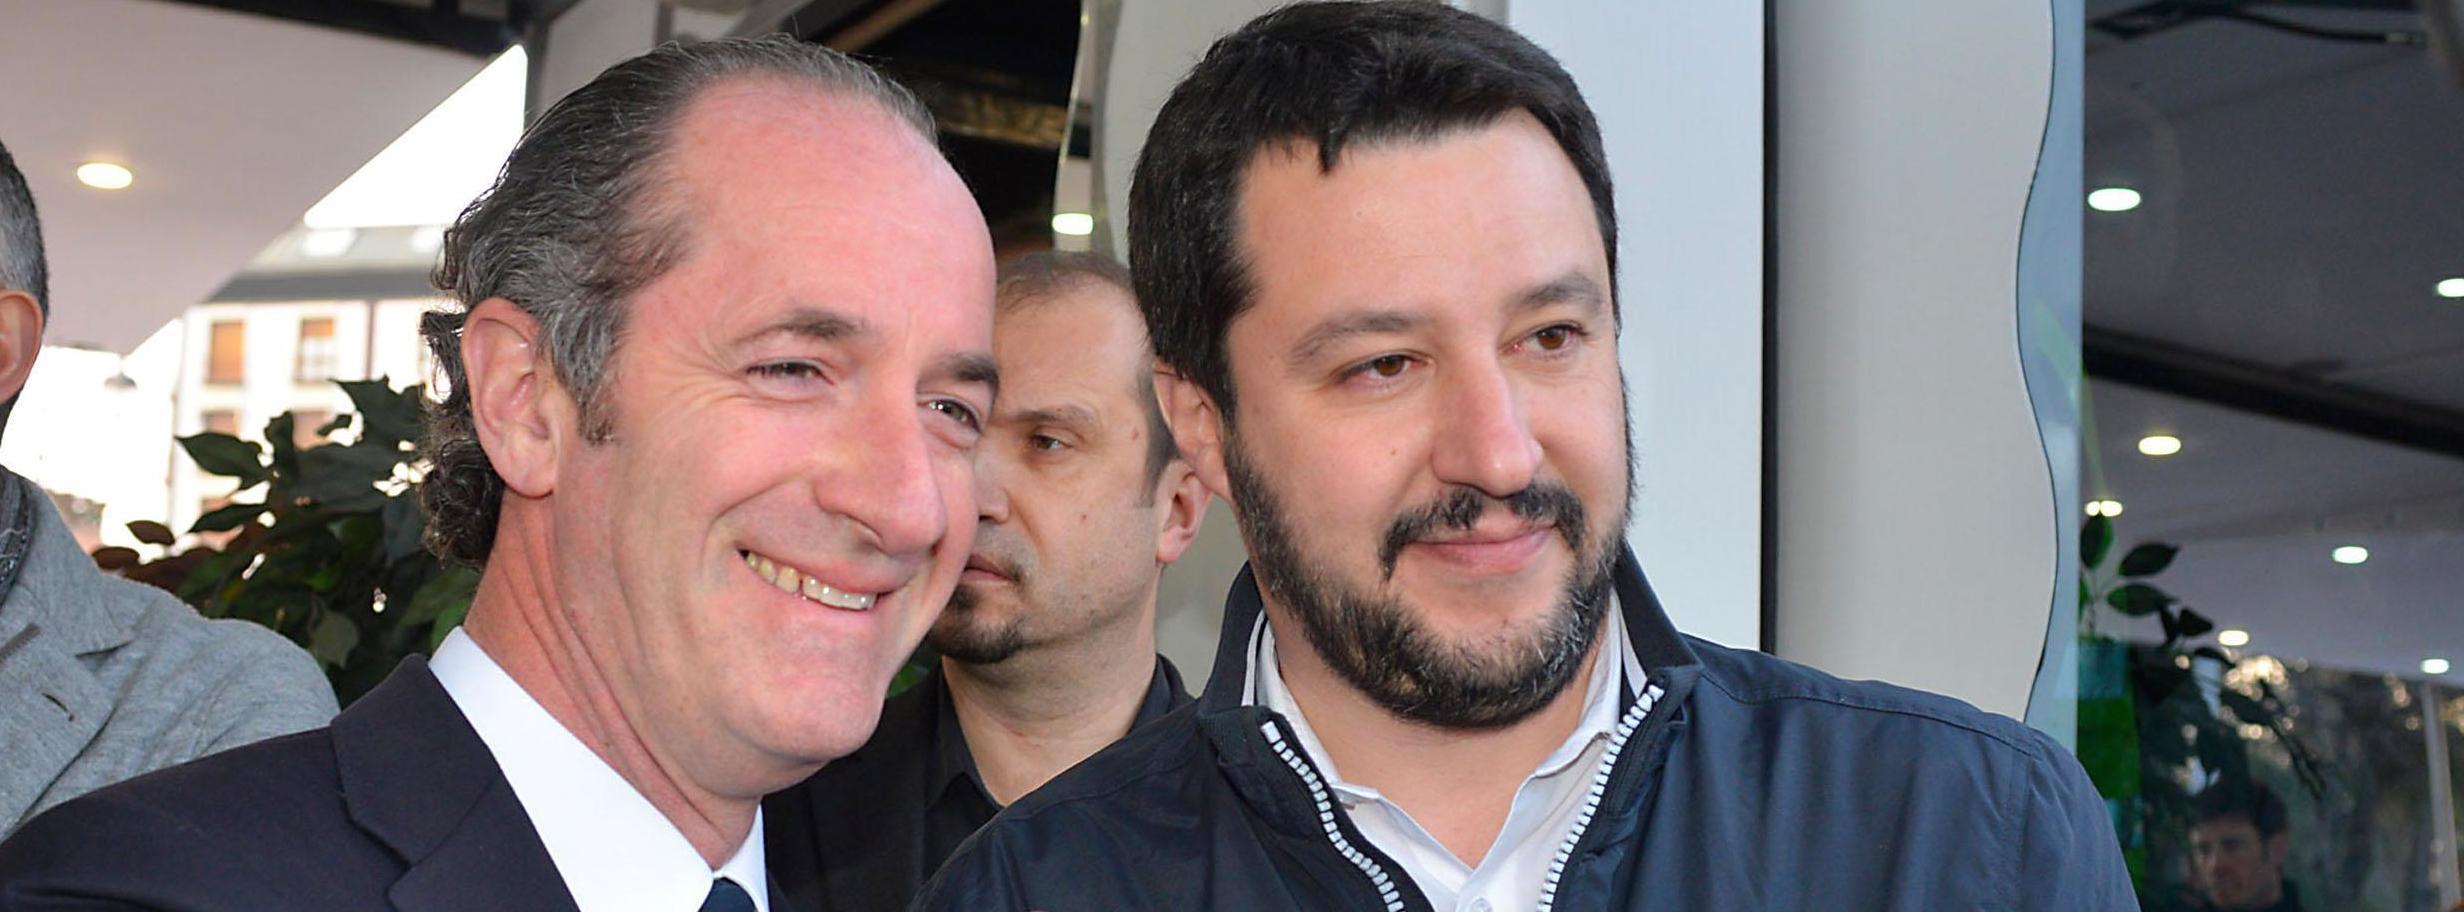 Luca Zaia con Matteo Salvini